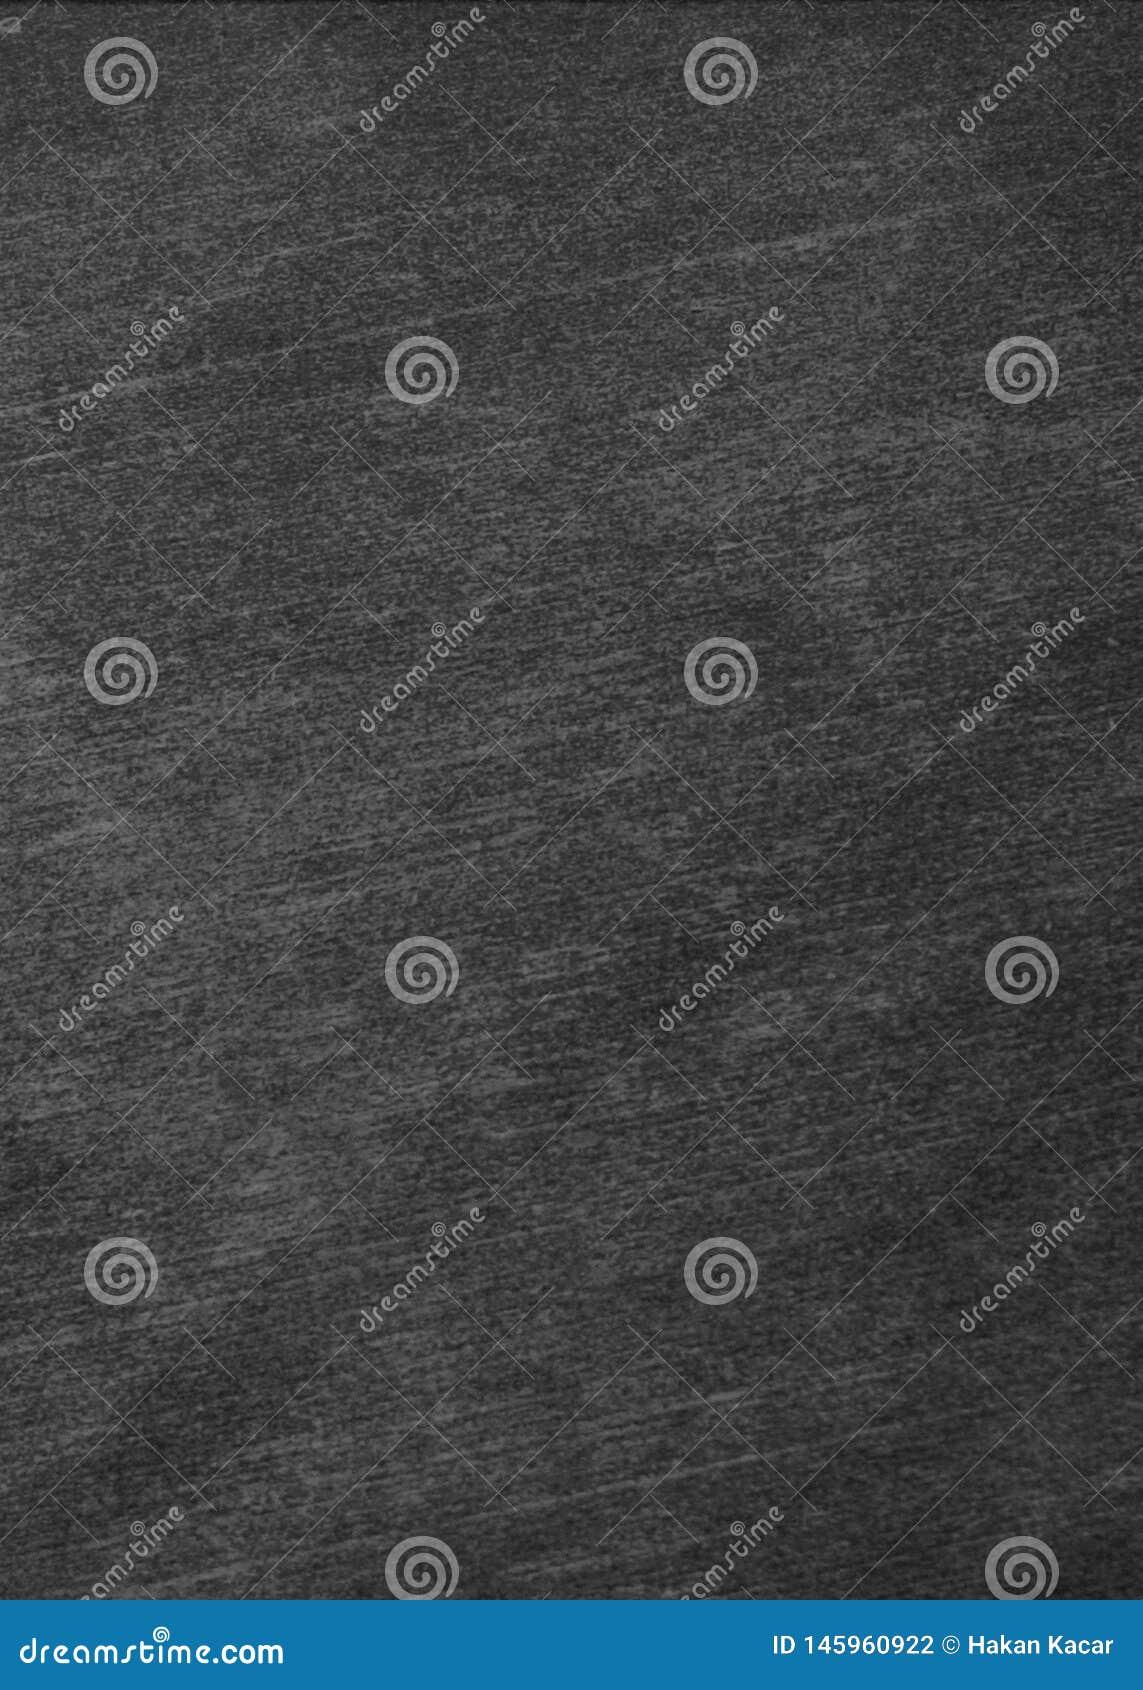 La craie a frott? sur le tableau noir pour la texture de fond pour ajoutent le texte ou la conception graphique